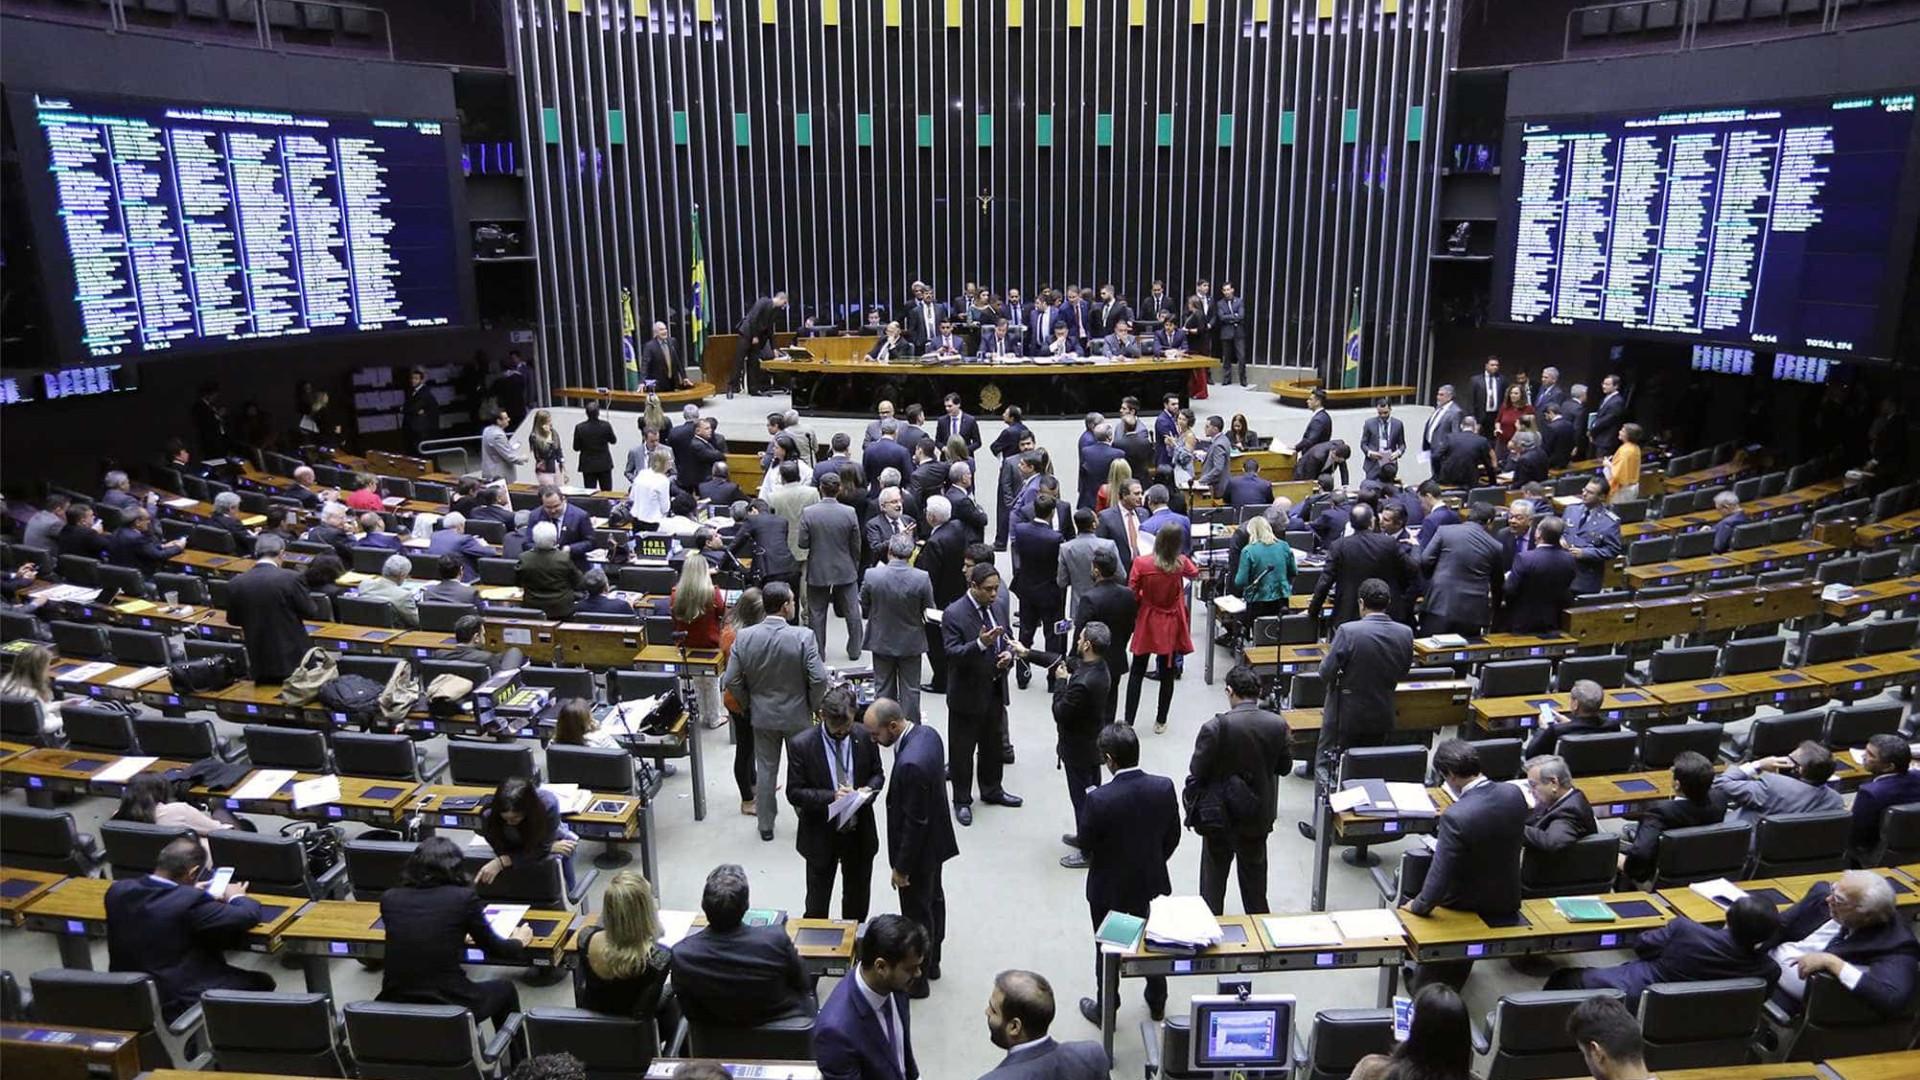 Após atrasos, deputados votam parecer de denúncia contra Temer